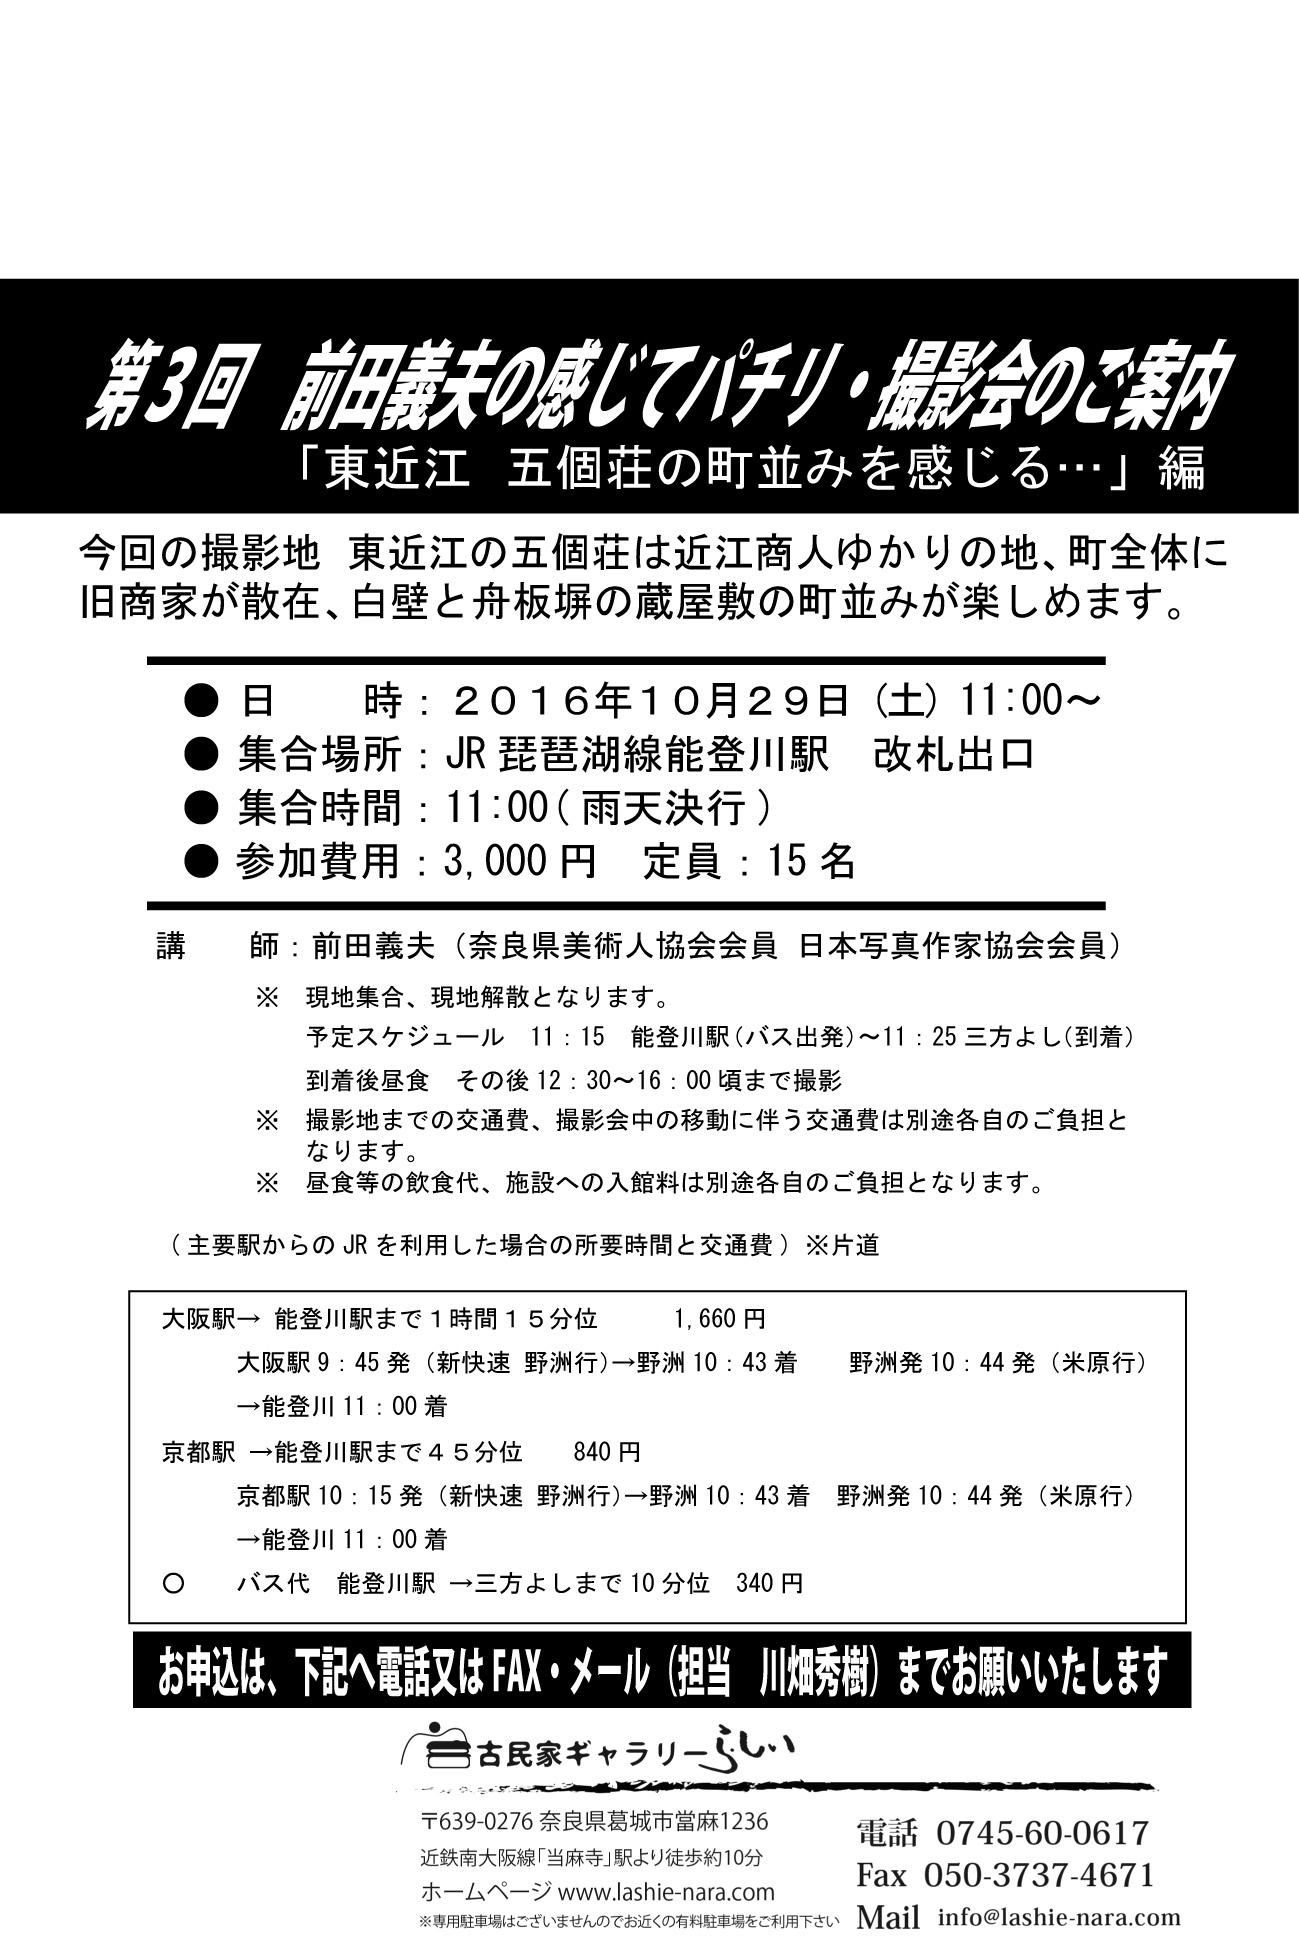 撮影会情報!_e0170925_1920465.jpg